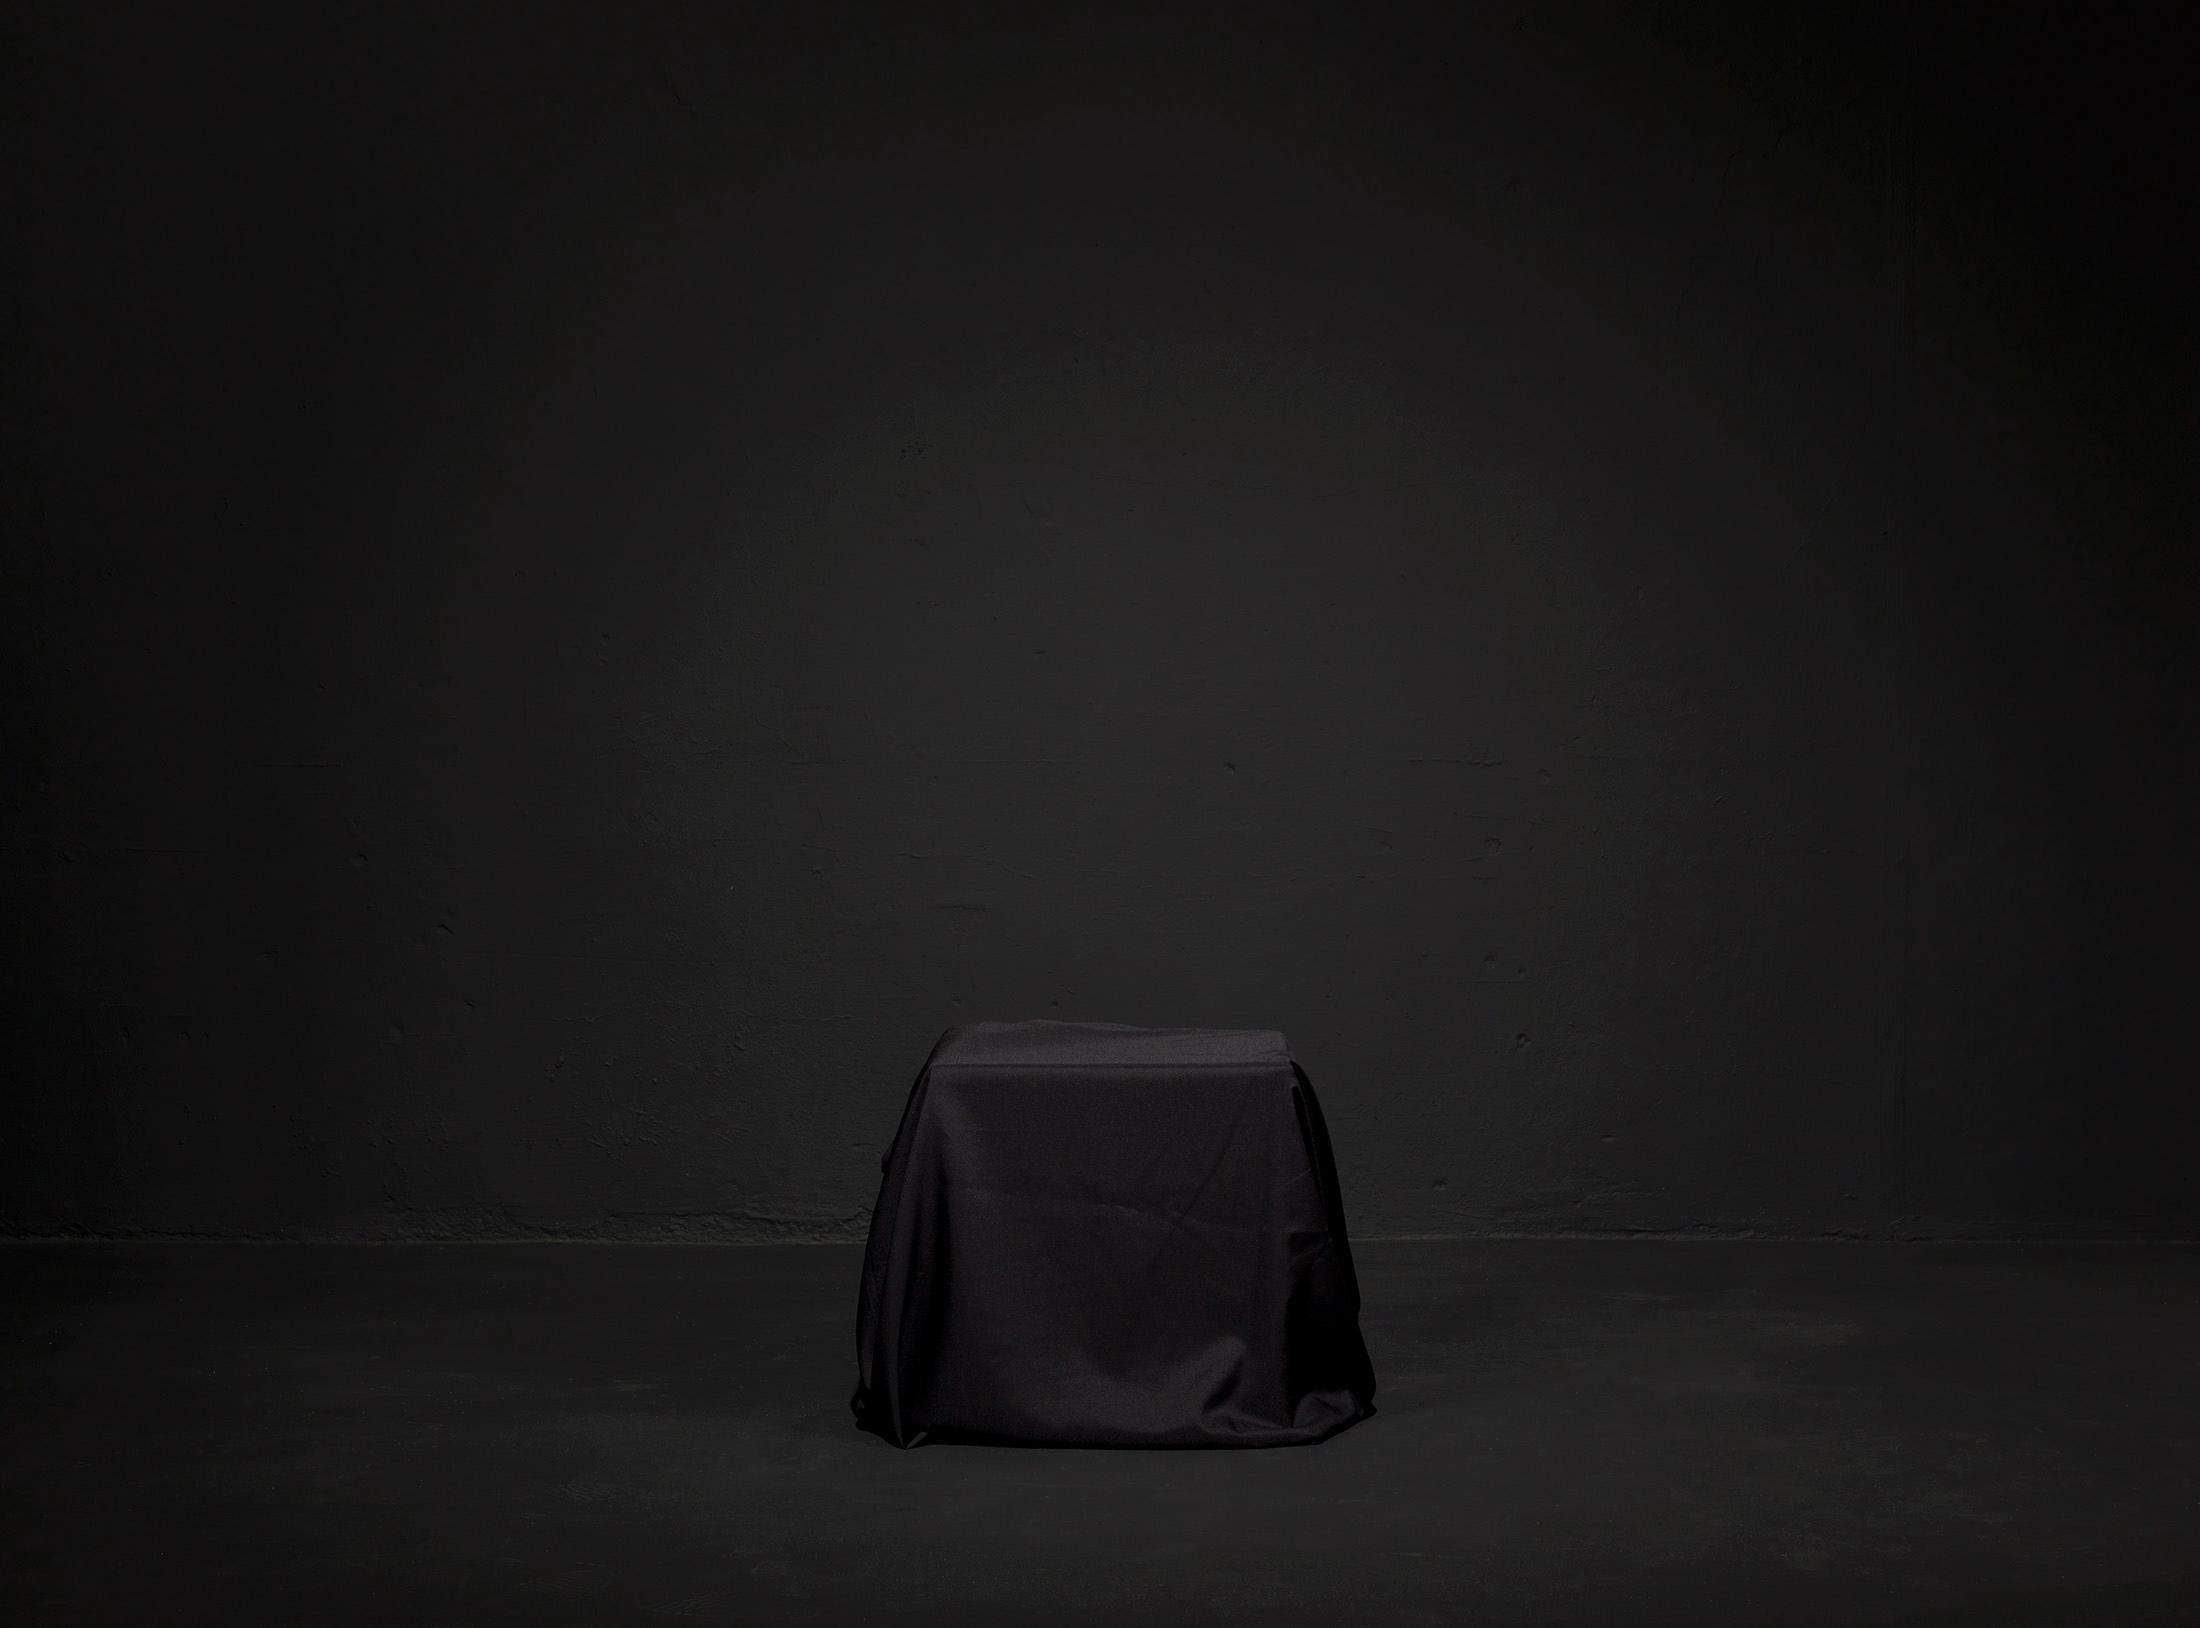 antonio Wolff _ (un)covered #A _ poliptico _ soma galeria